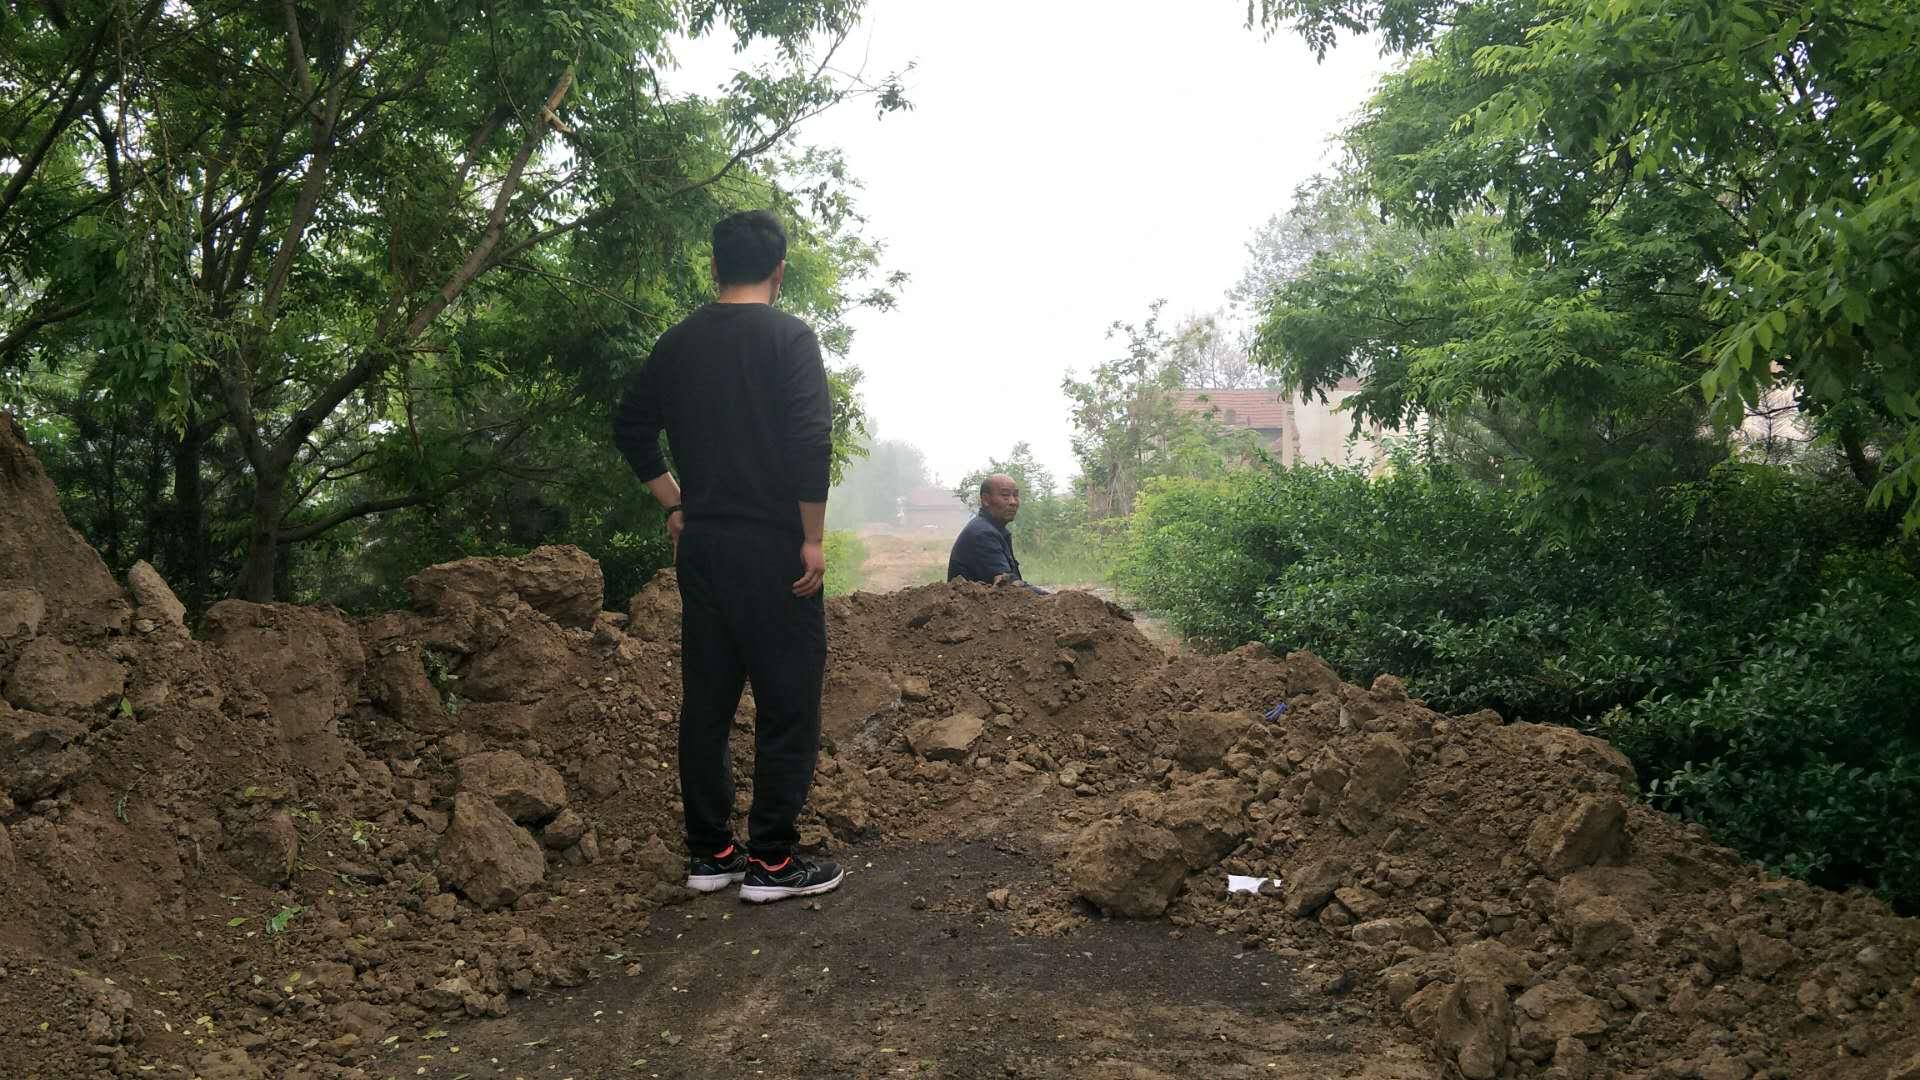 土堆挡住回家路 淄博高新区相关部门表示妥善处理